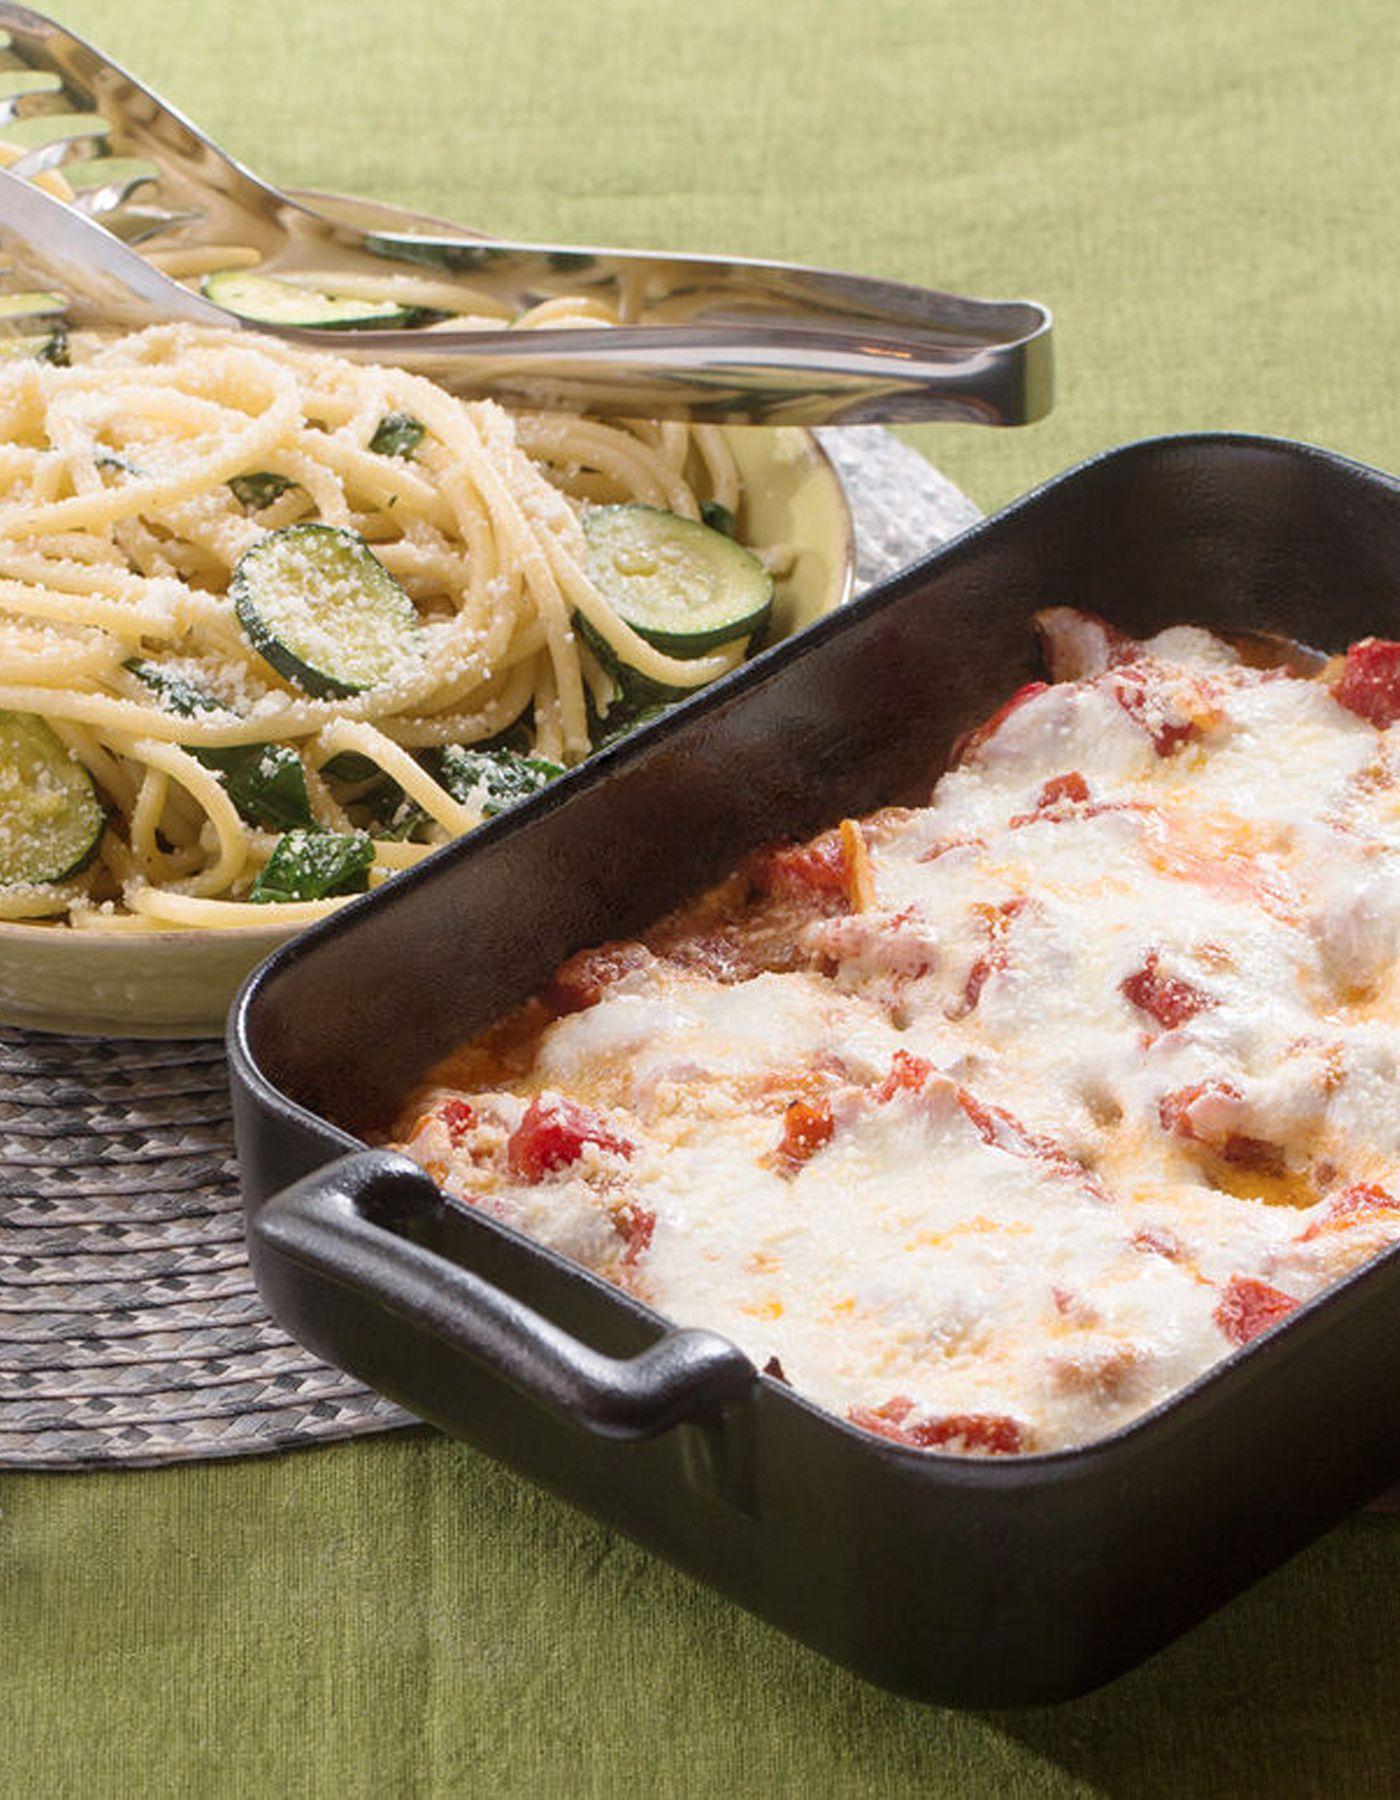 Blue apron bucatini - Chicken Parmesan Bucatini Pasta With Fresh Mozzarella Zucchini